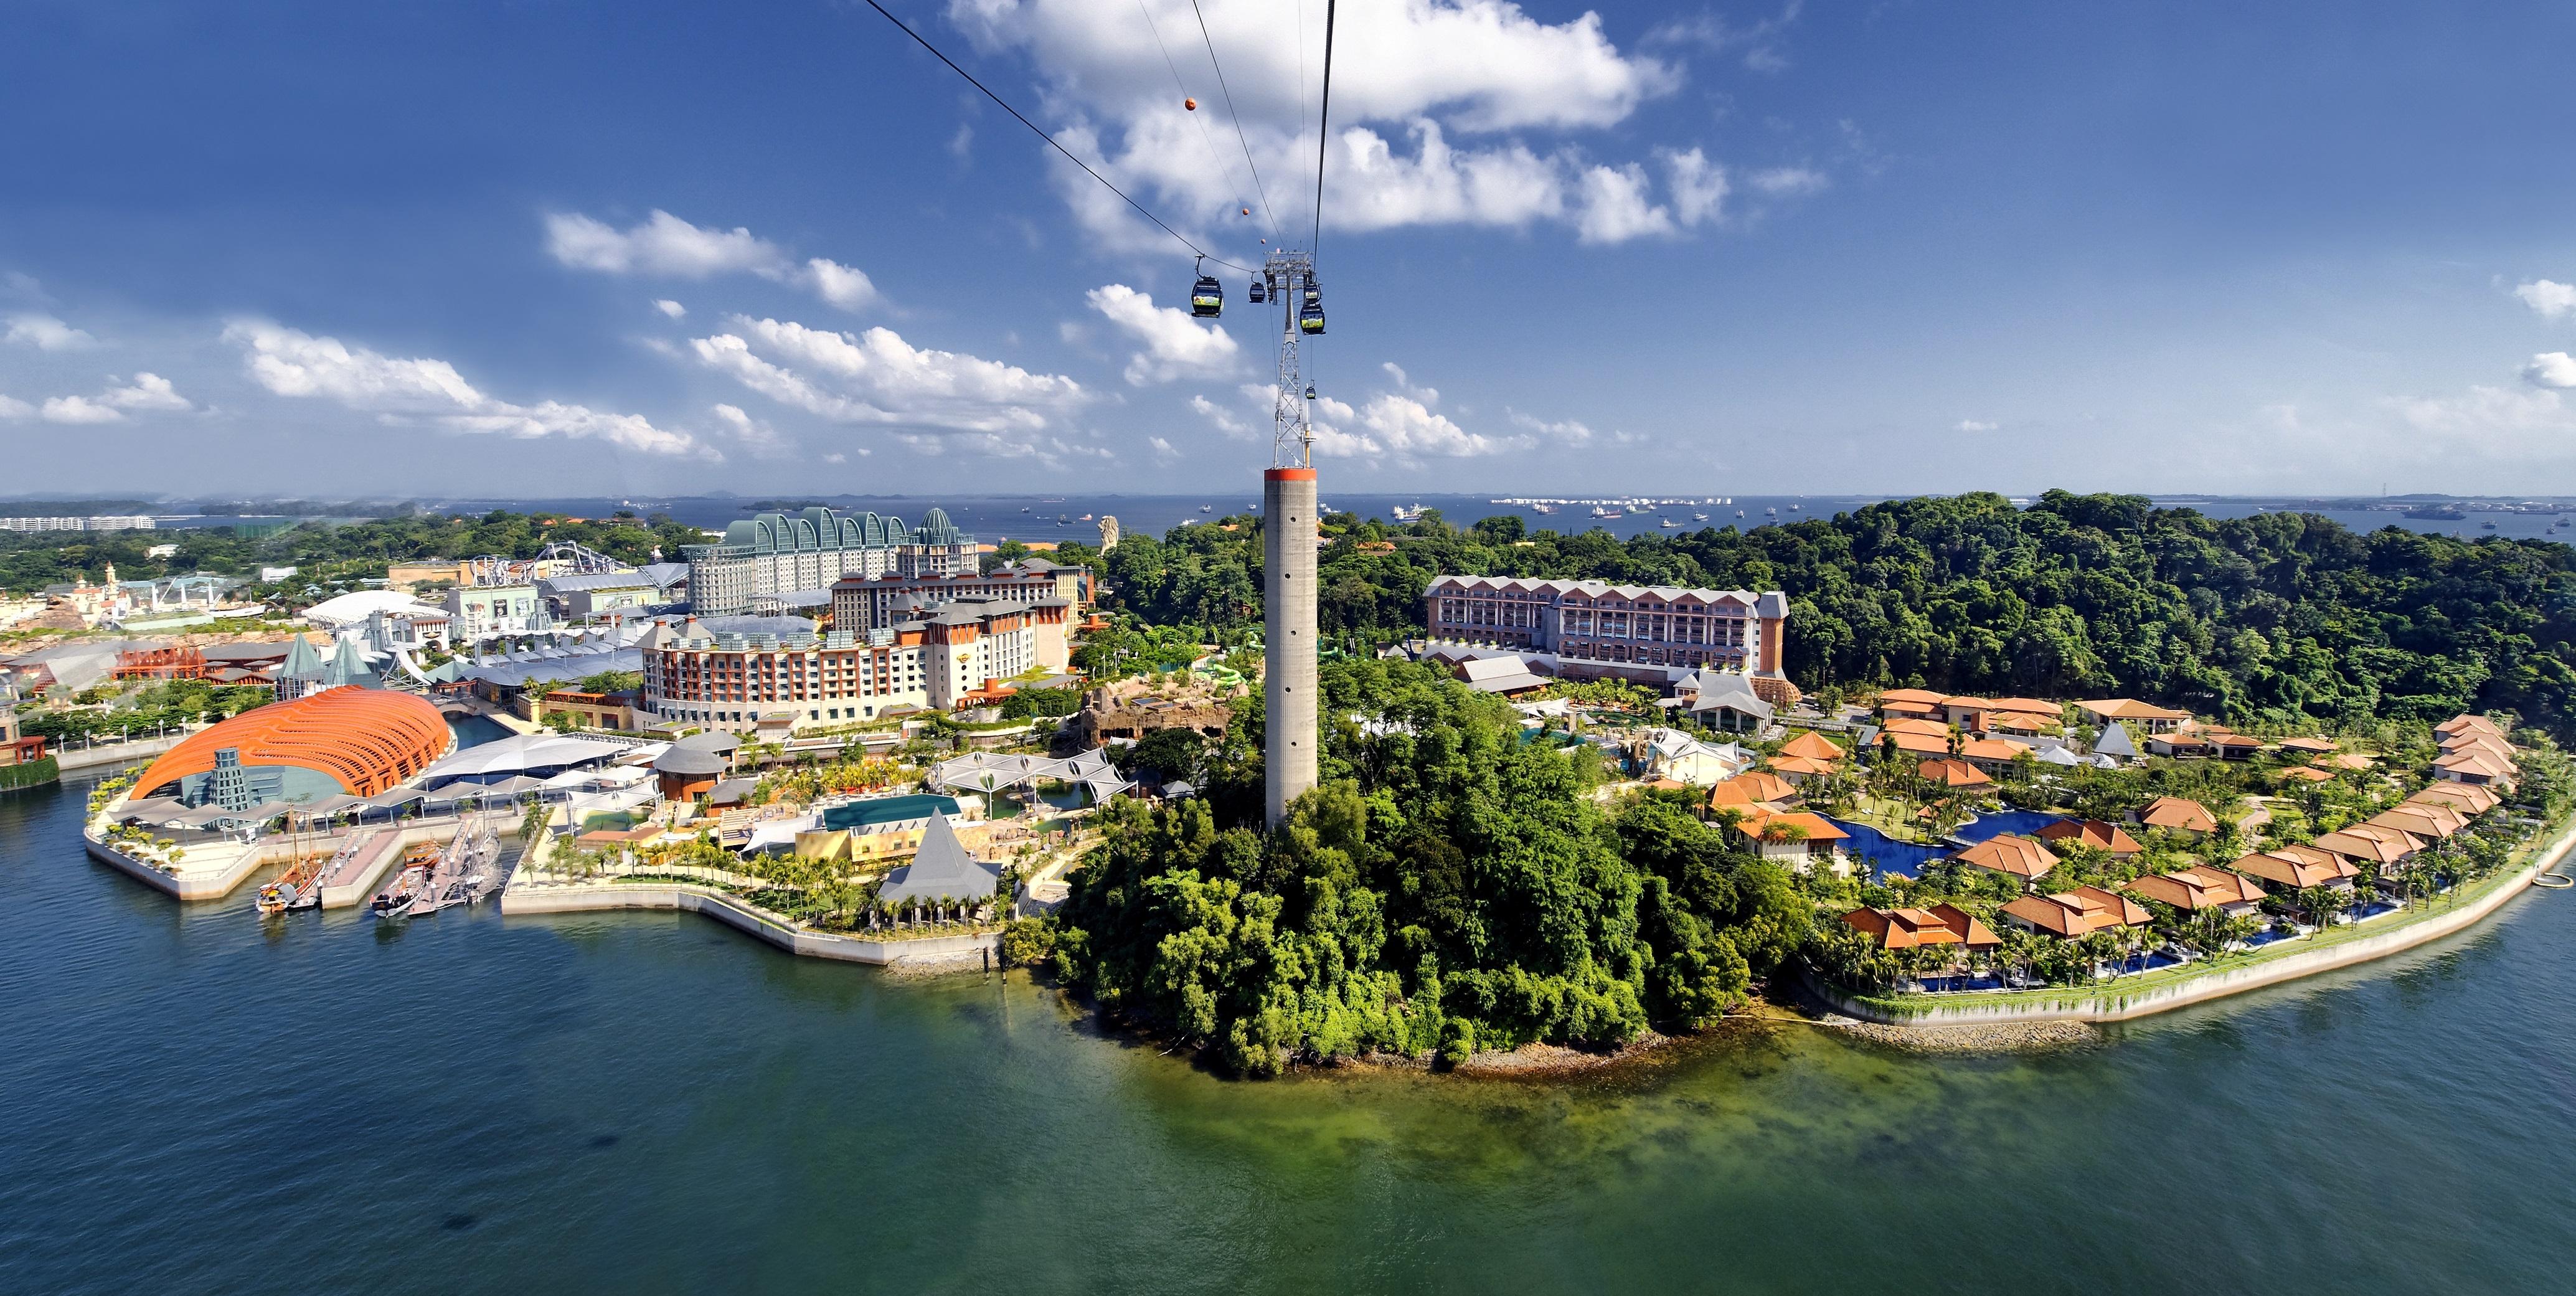 остров Сентоса, Сингапур | Loyal Travel Blog